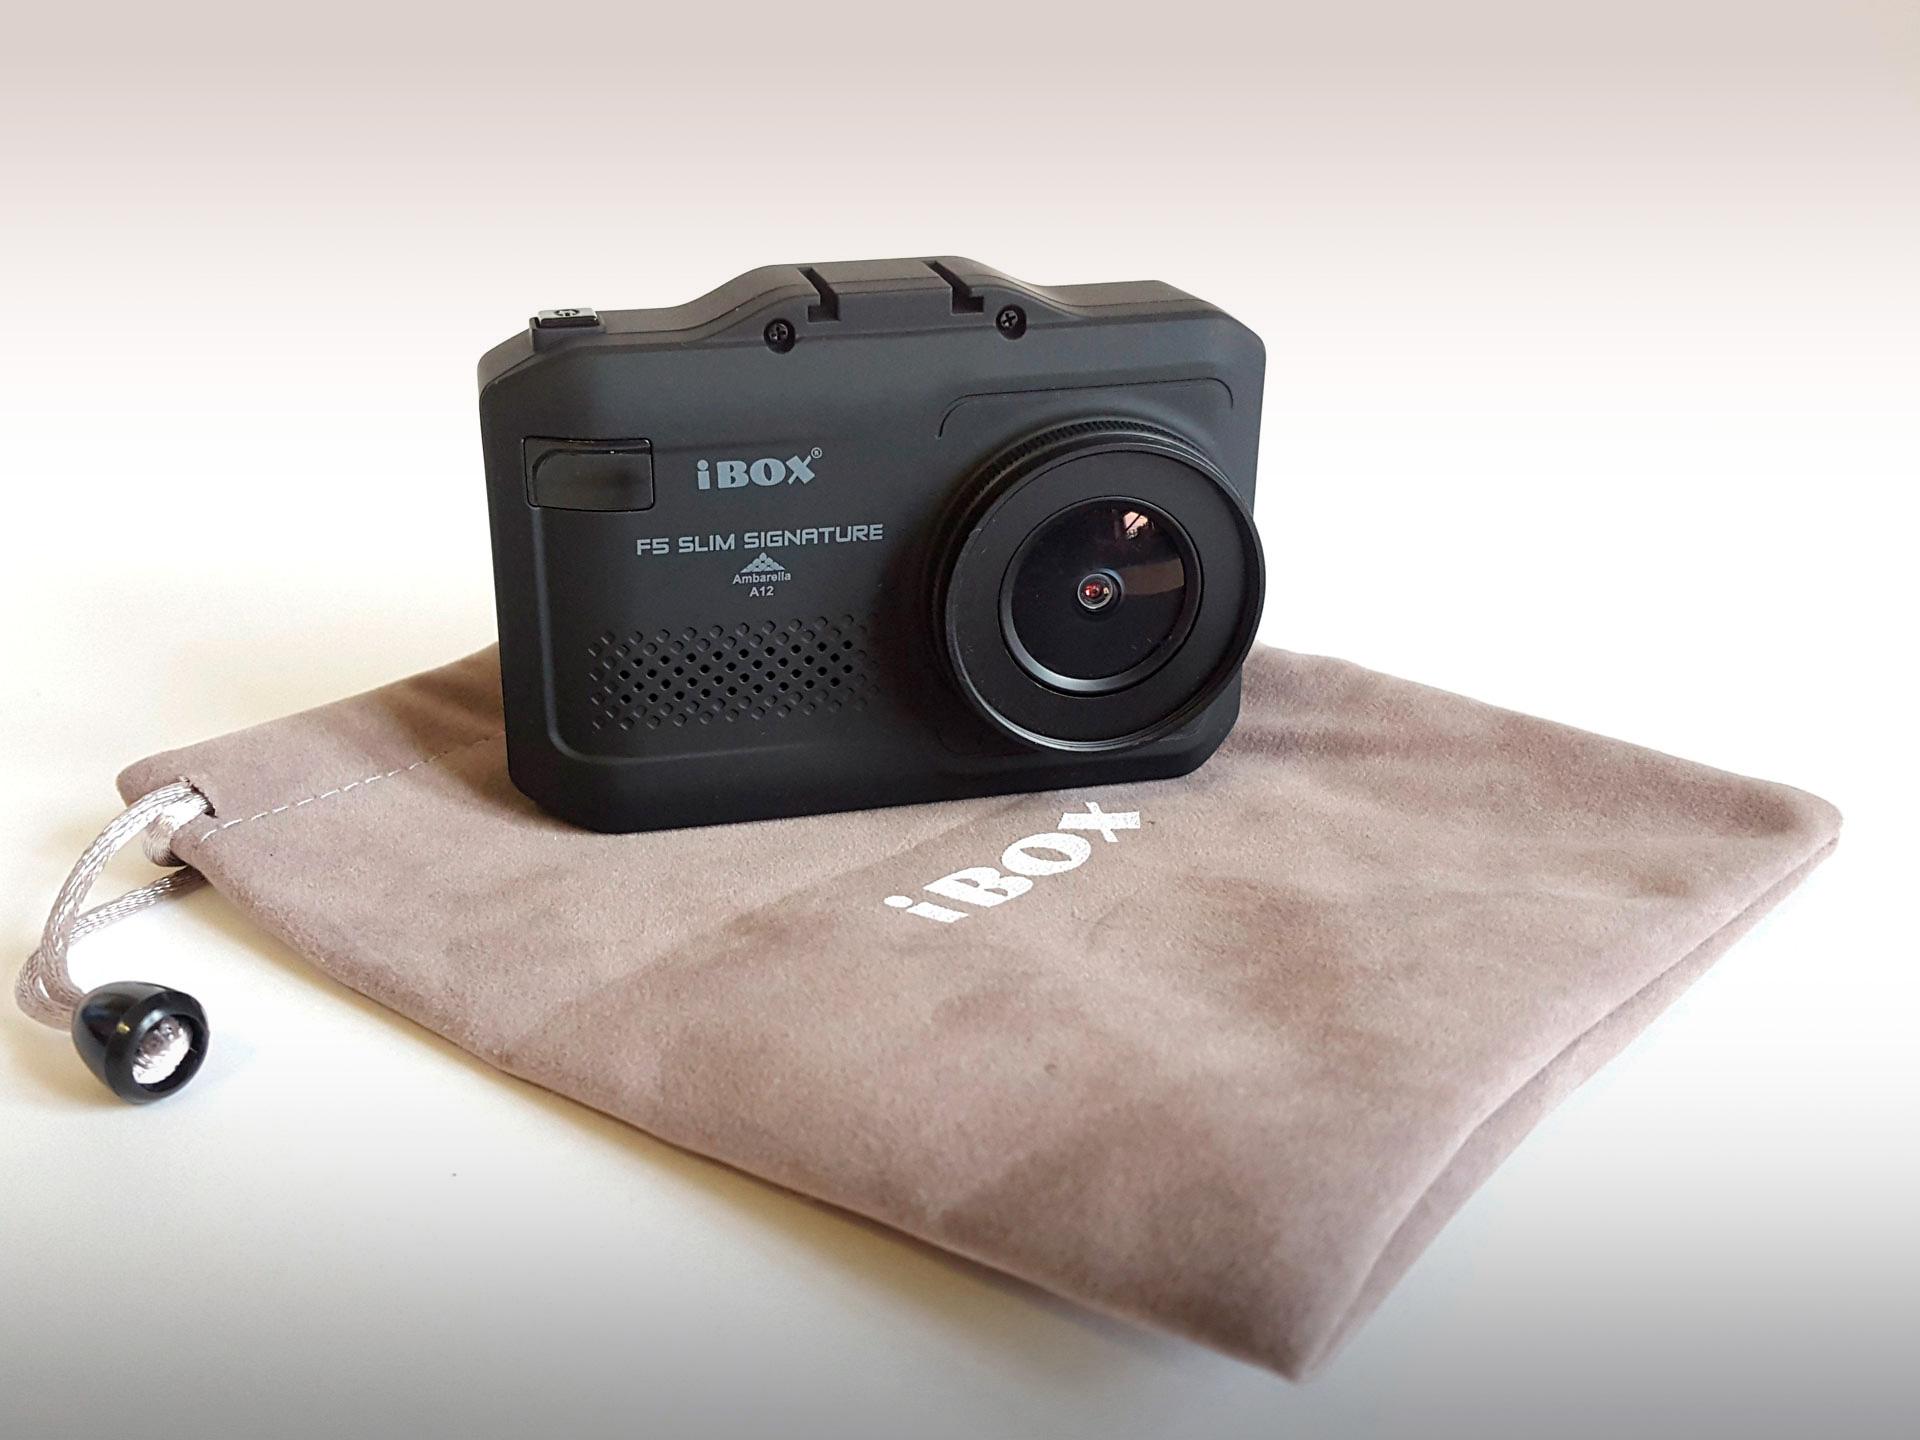 Гаджет с моноклем: обзор радар-детектора/видеорегистратора iBOX F5 SLIM SIGNATURE A12